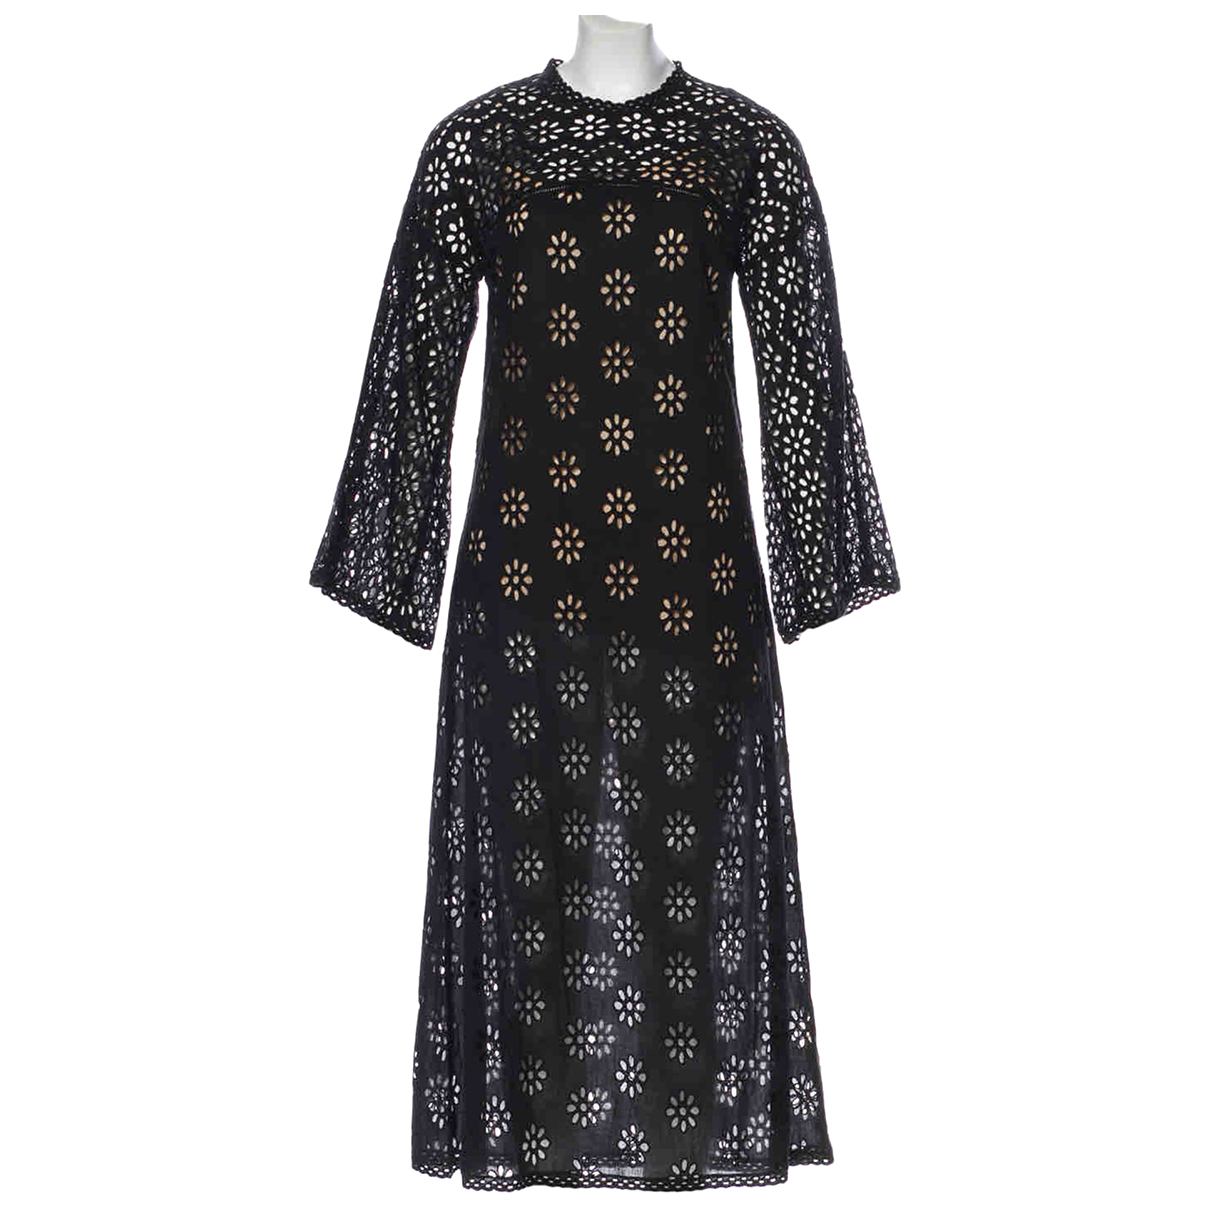 Doen \N Kleid in  Schwarz Baumwolle